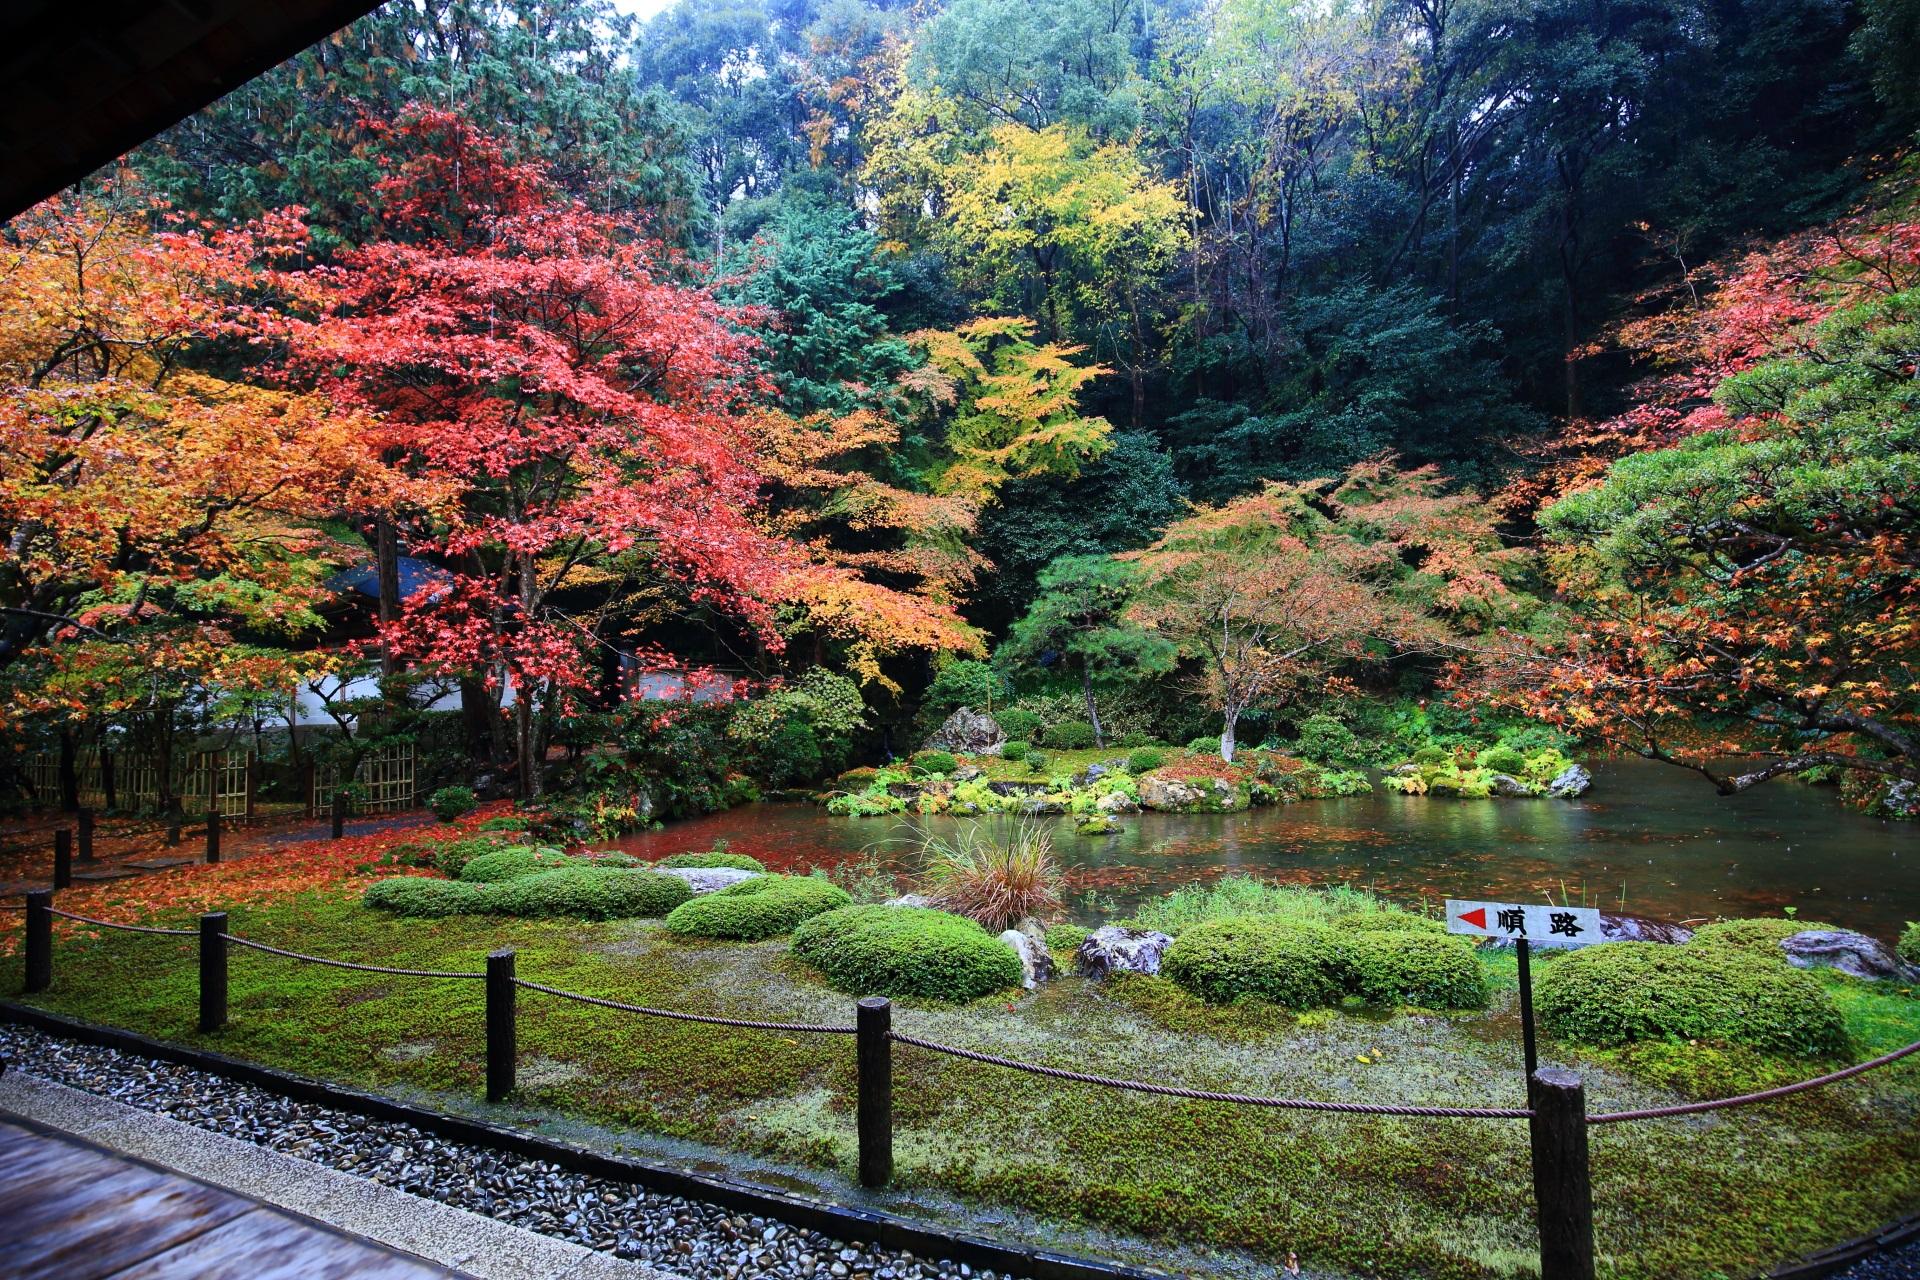 雨と秋色に染まった南禅院庭園